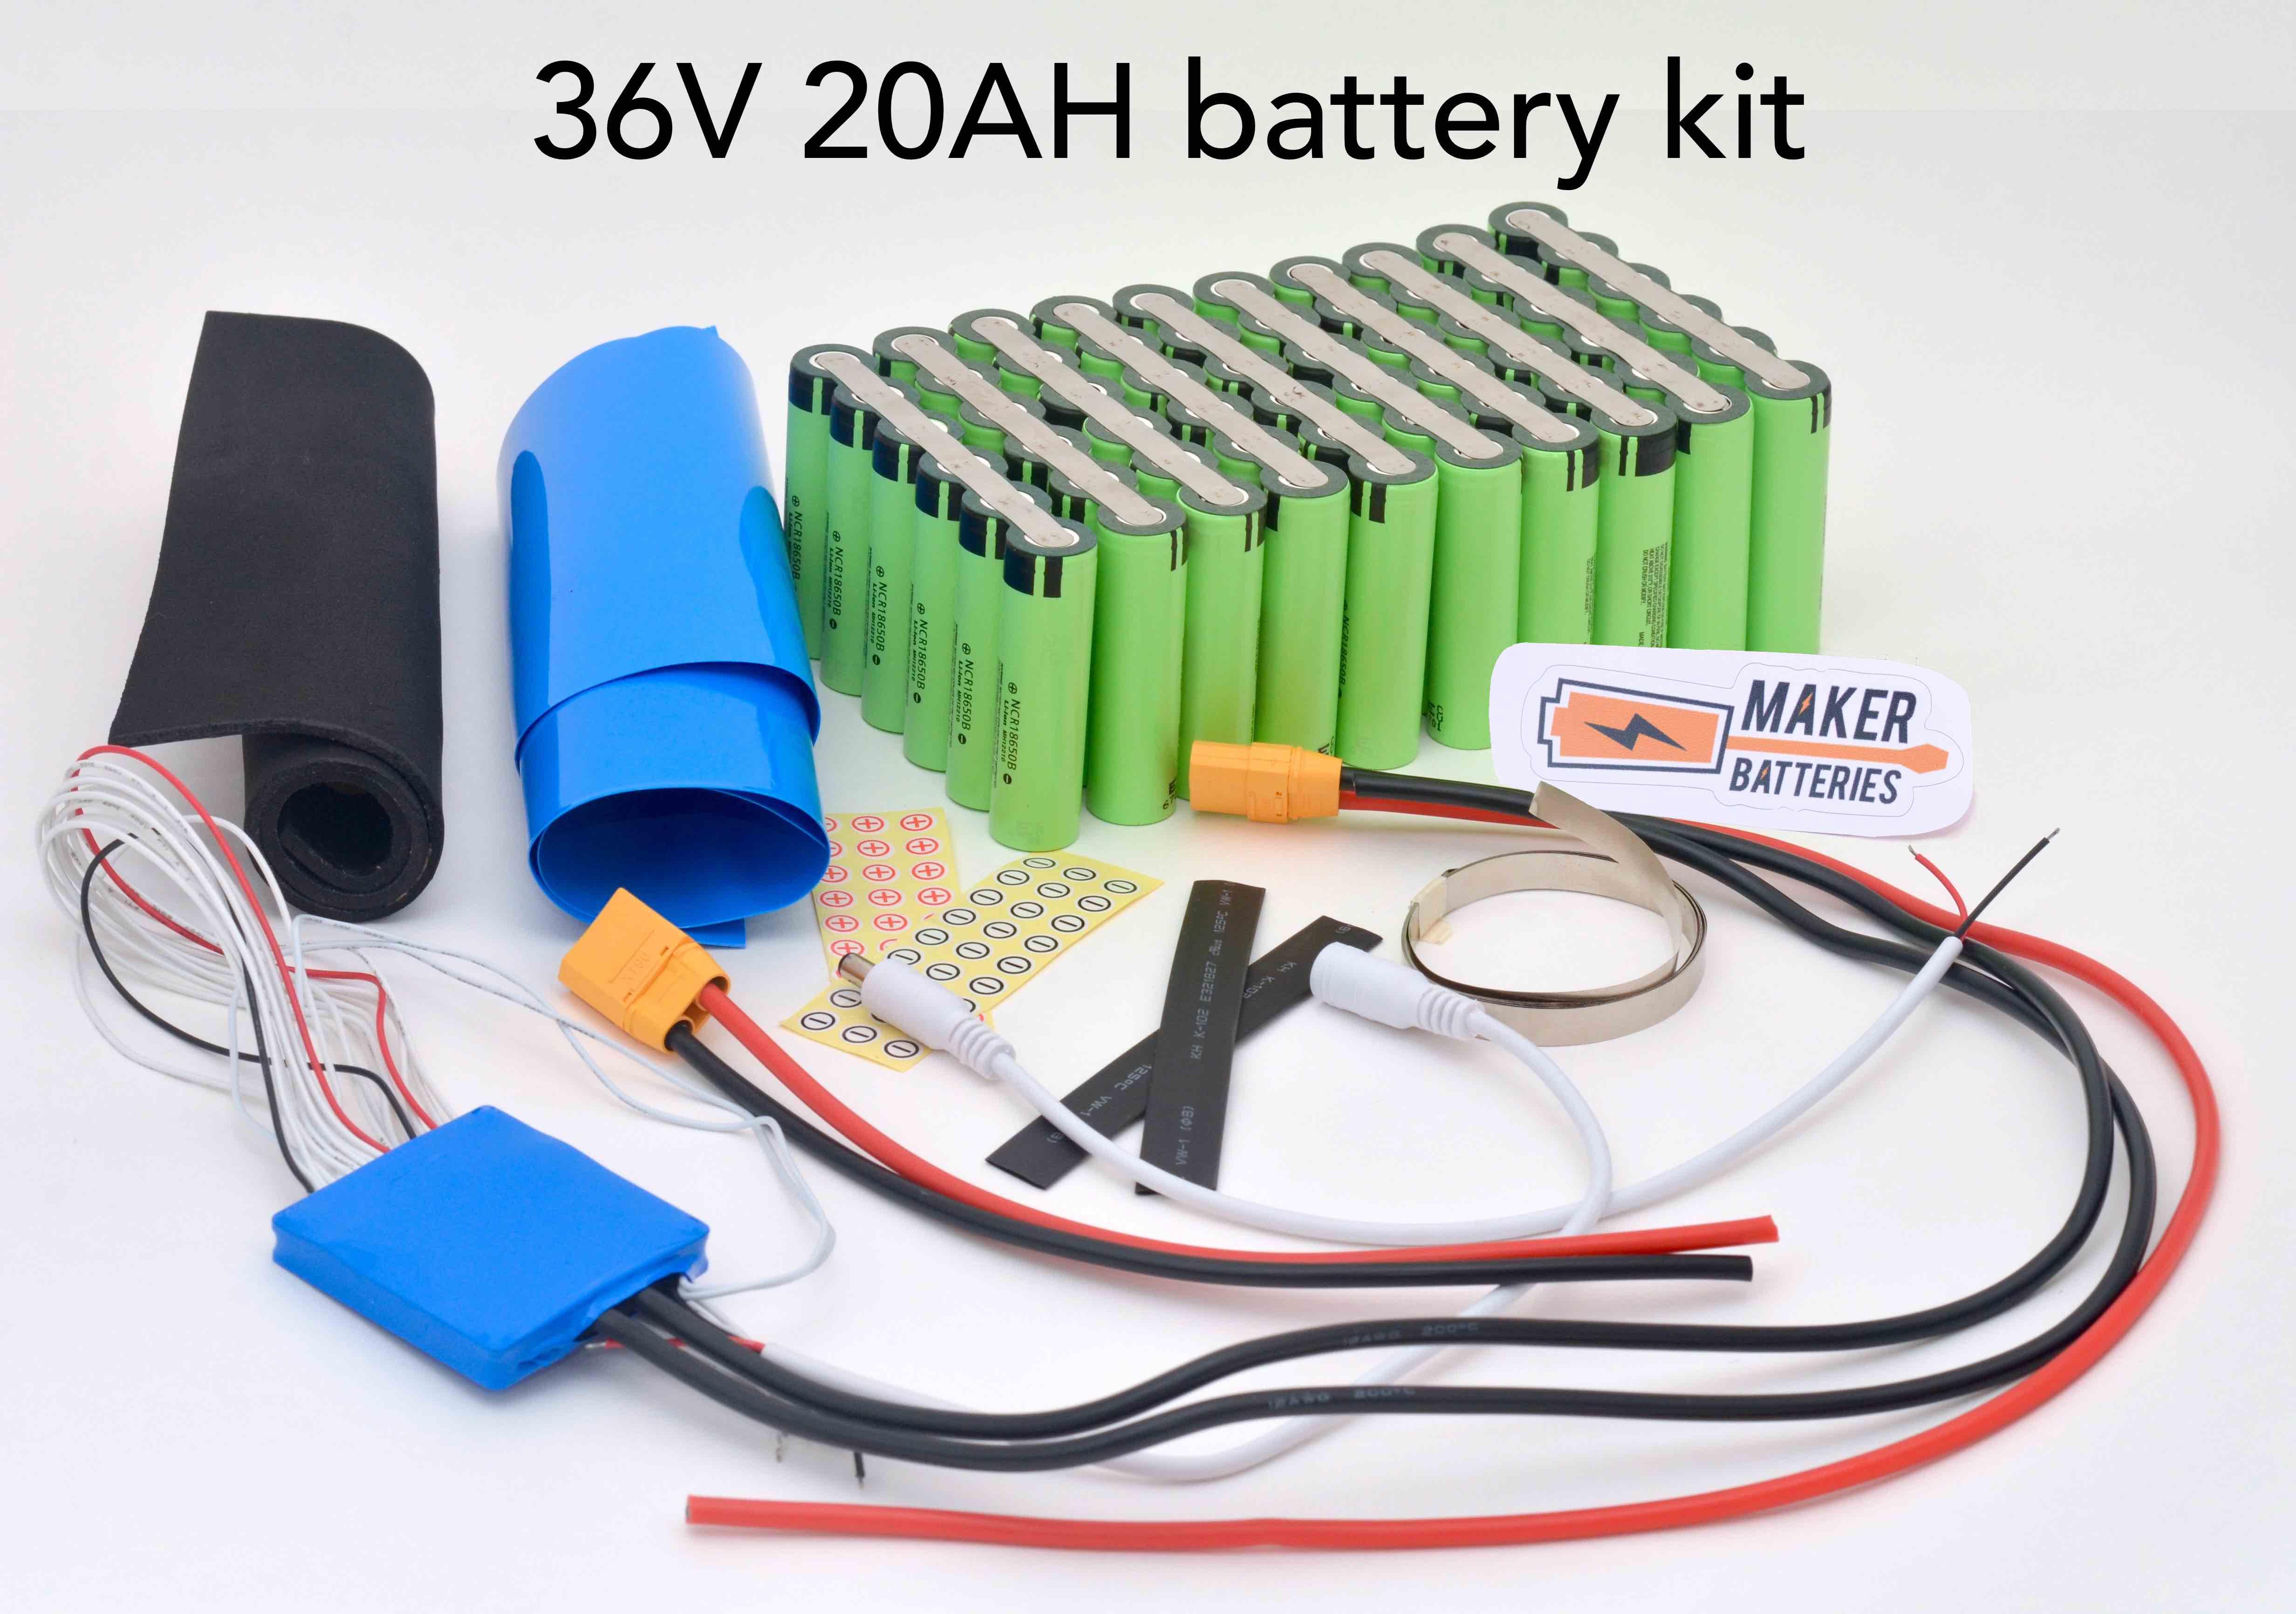 36v 20ah Maker Battery Module Kit Diy Batteries